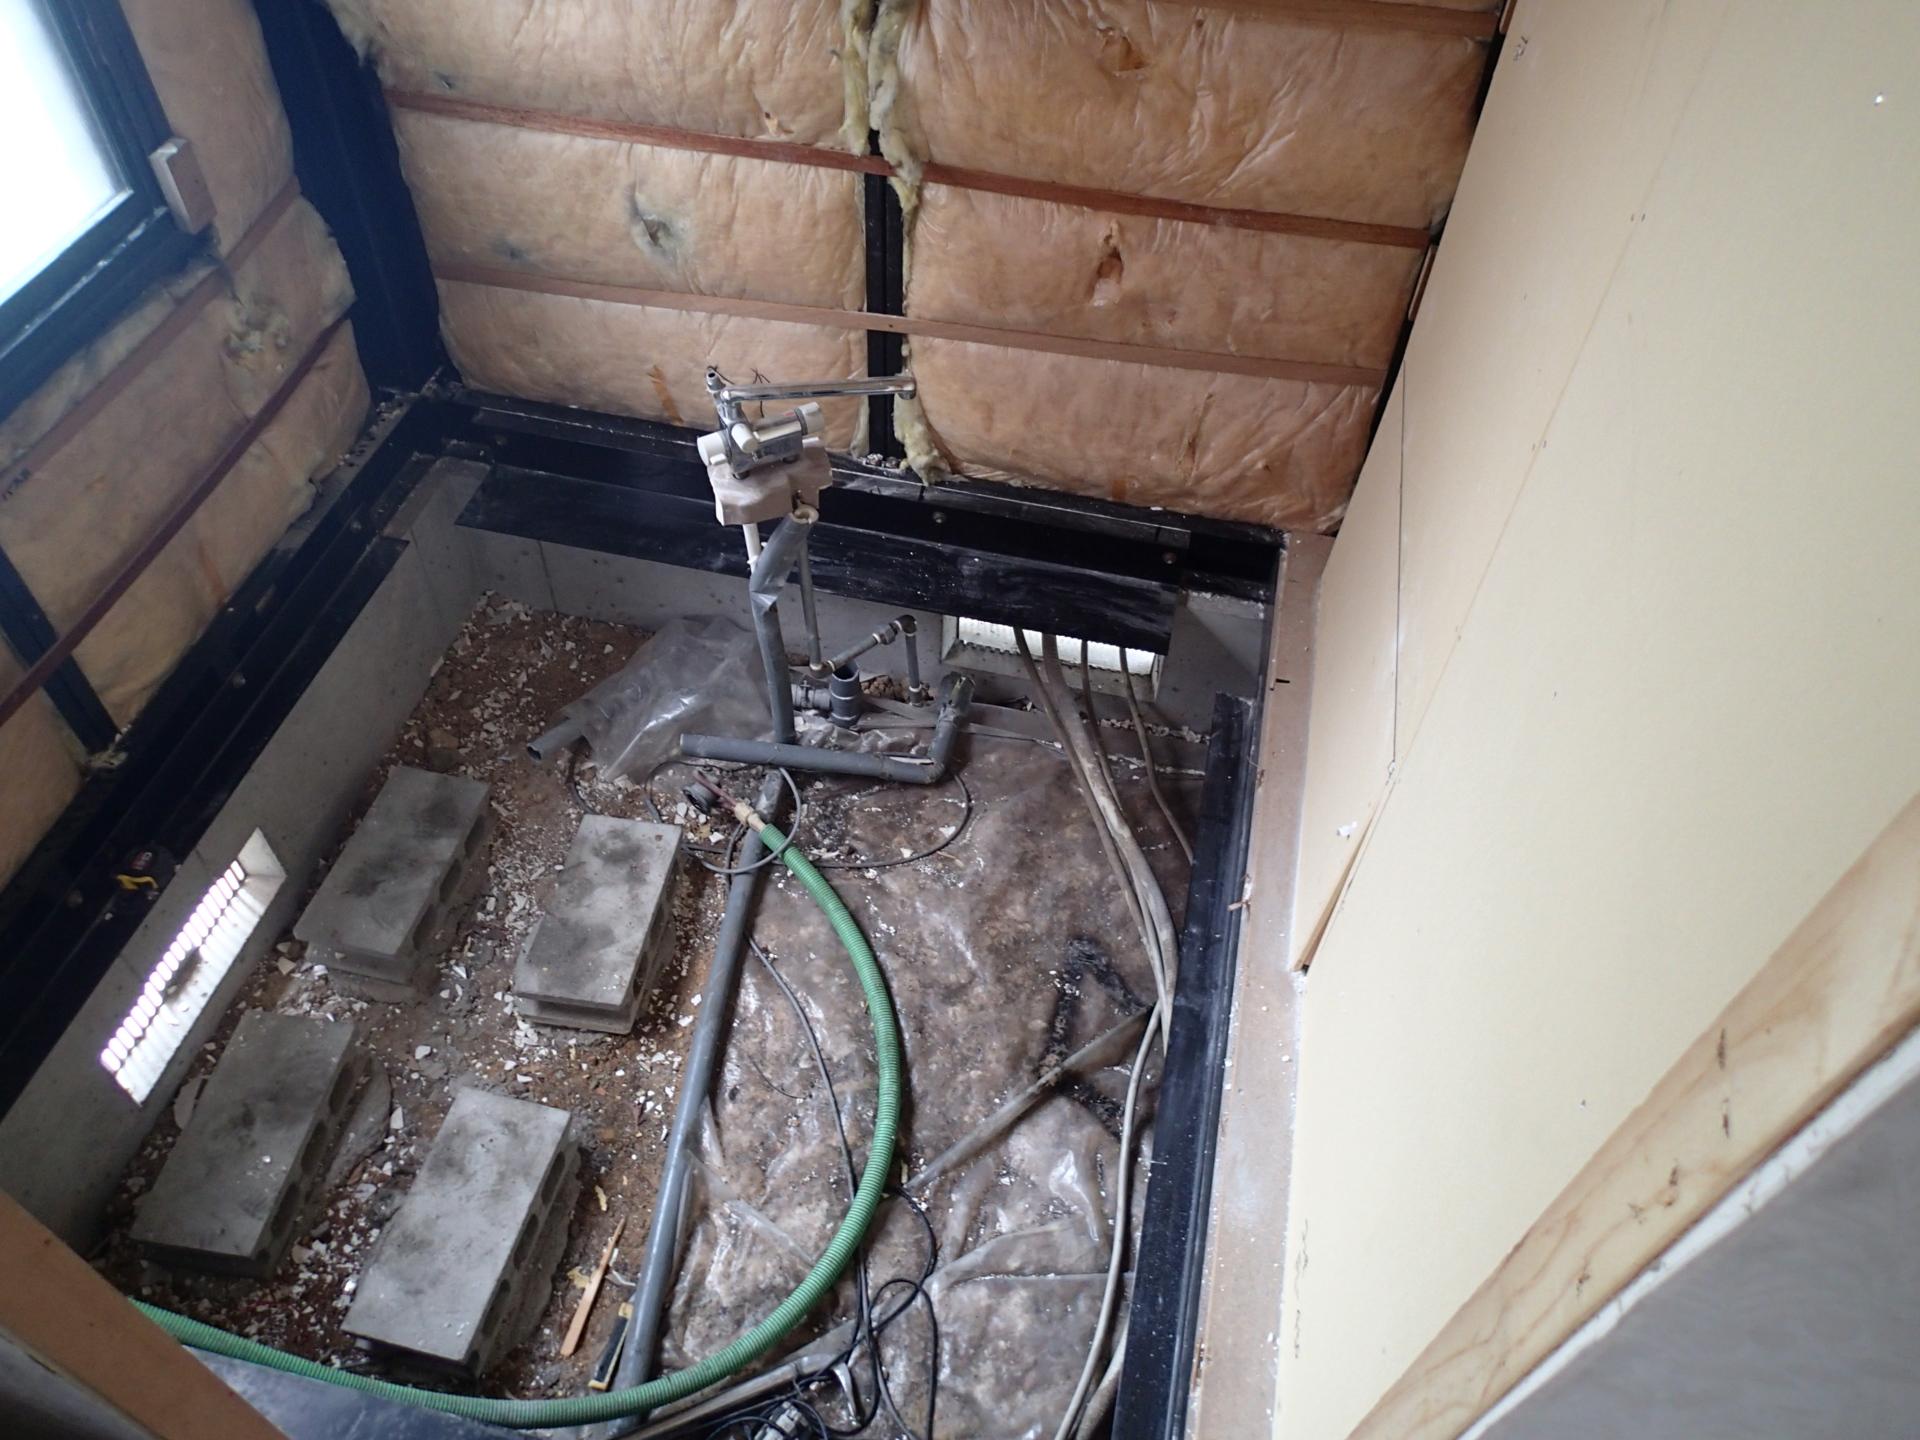 解体後の写真です。通常のシステムバスはコンクリートの上に設置してありますがこの住宅メーカーの浴室は鉄骨の上に設置してありました。土間にコンクリートを打設する必要があります。